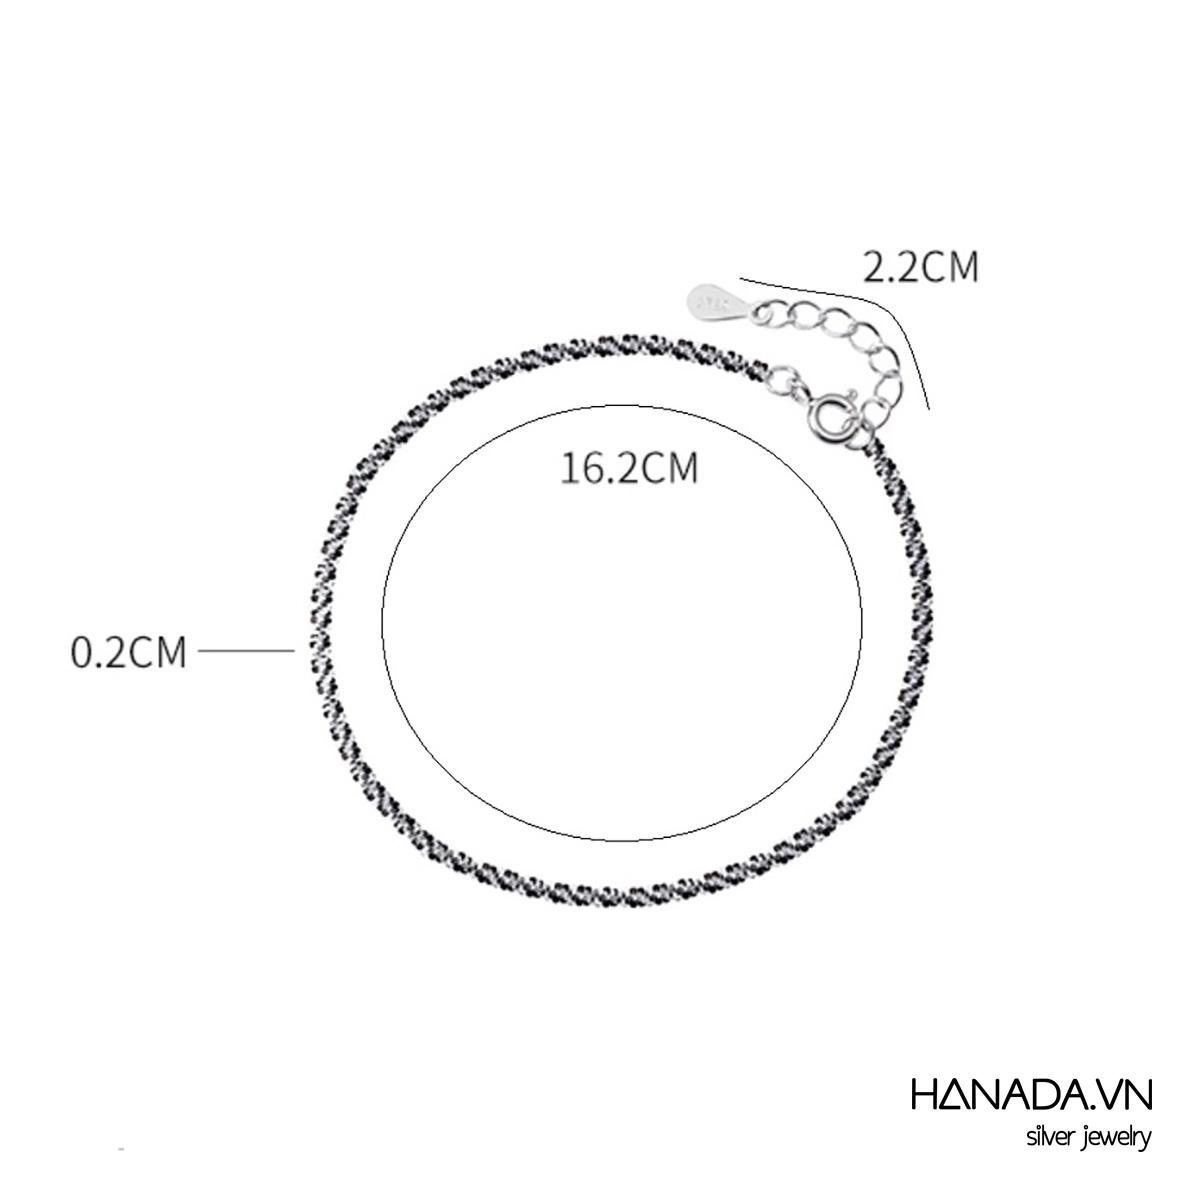 Lắc Tay Bạc 925 Hanada N1234.B.0.S.200. 0269 Lắc Tay Trơn Lấp Lánh